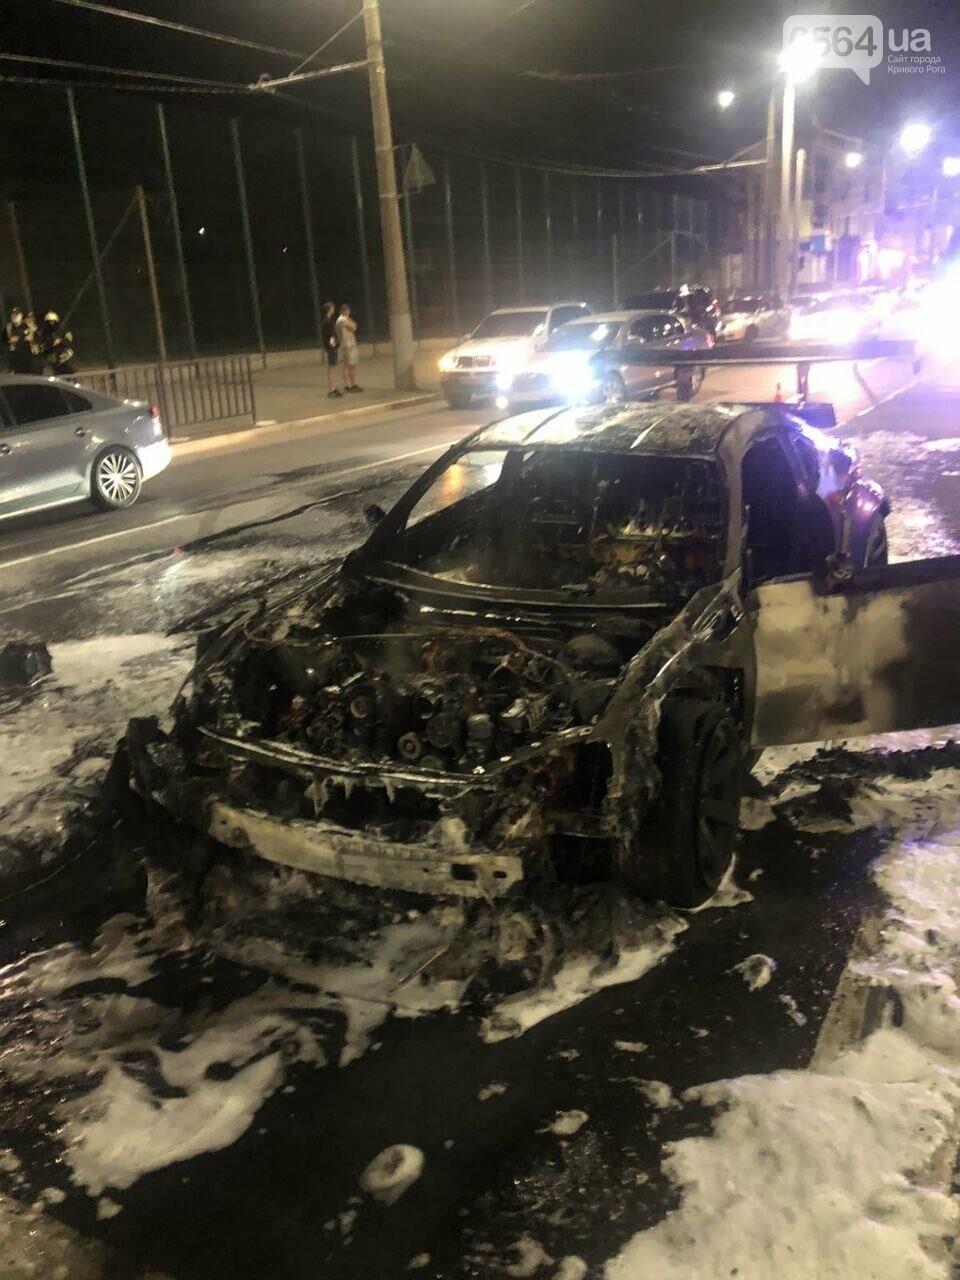 В центре Кривого Рога сгорел спорткар, - ФОТО, фото-2